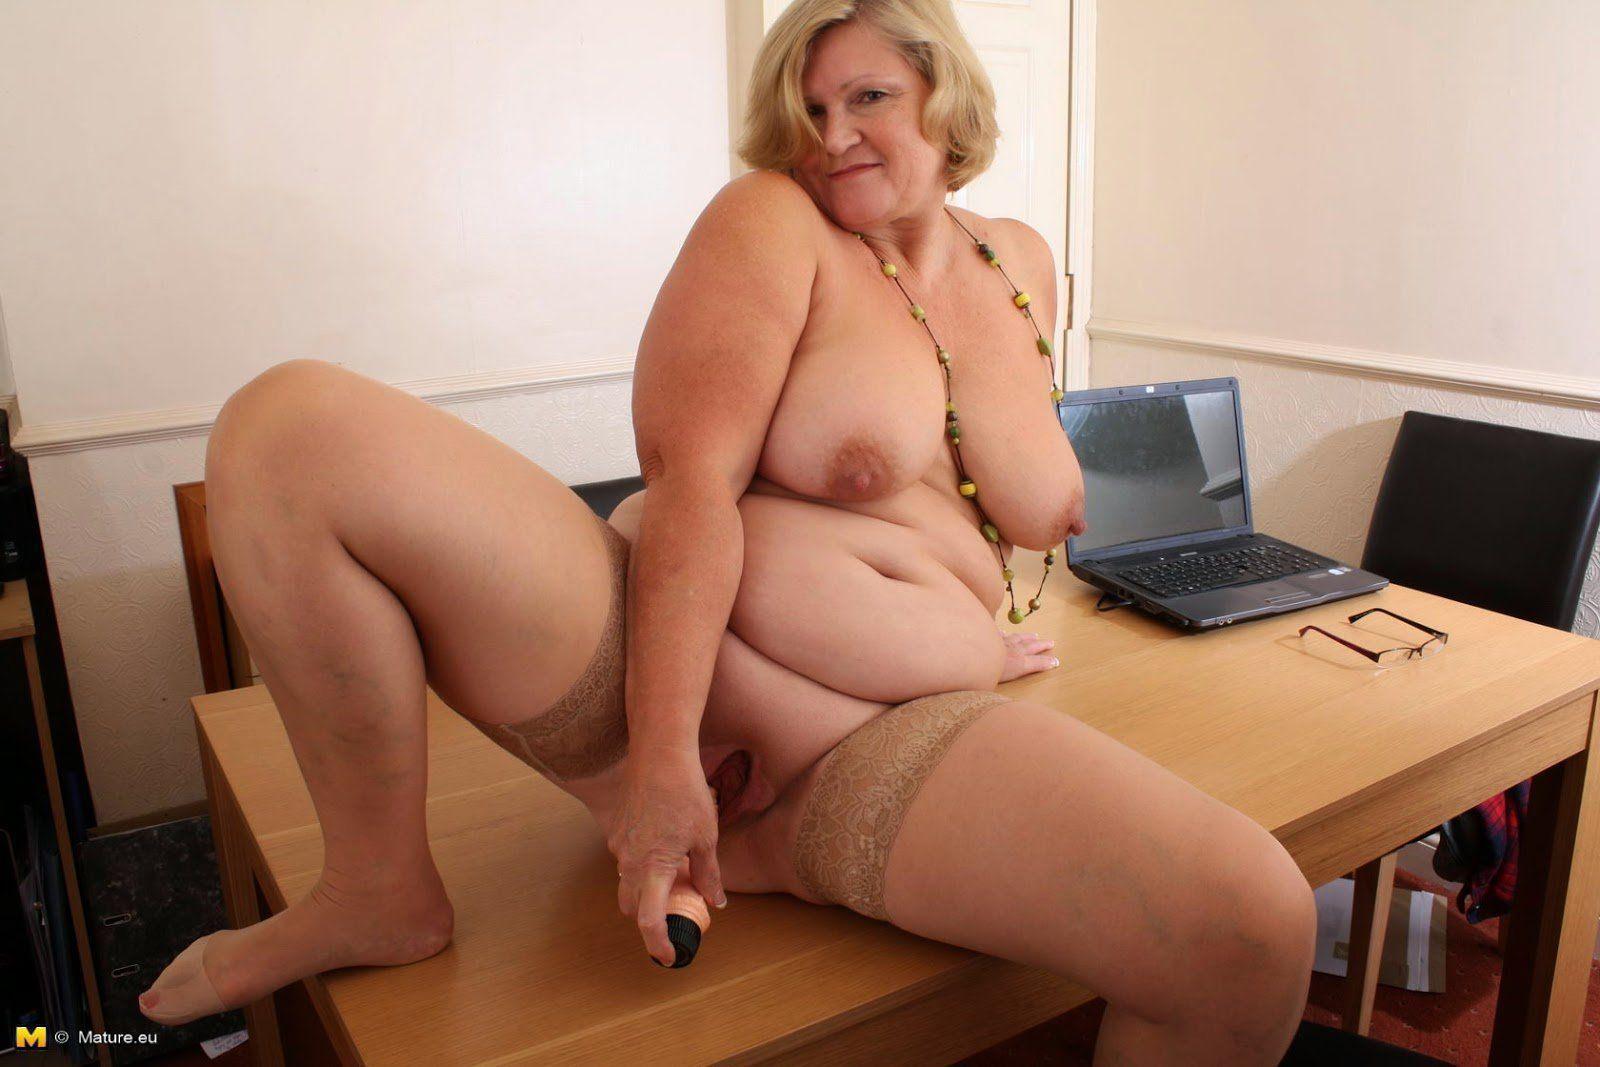 Ugly girl nude pics porno